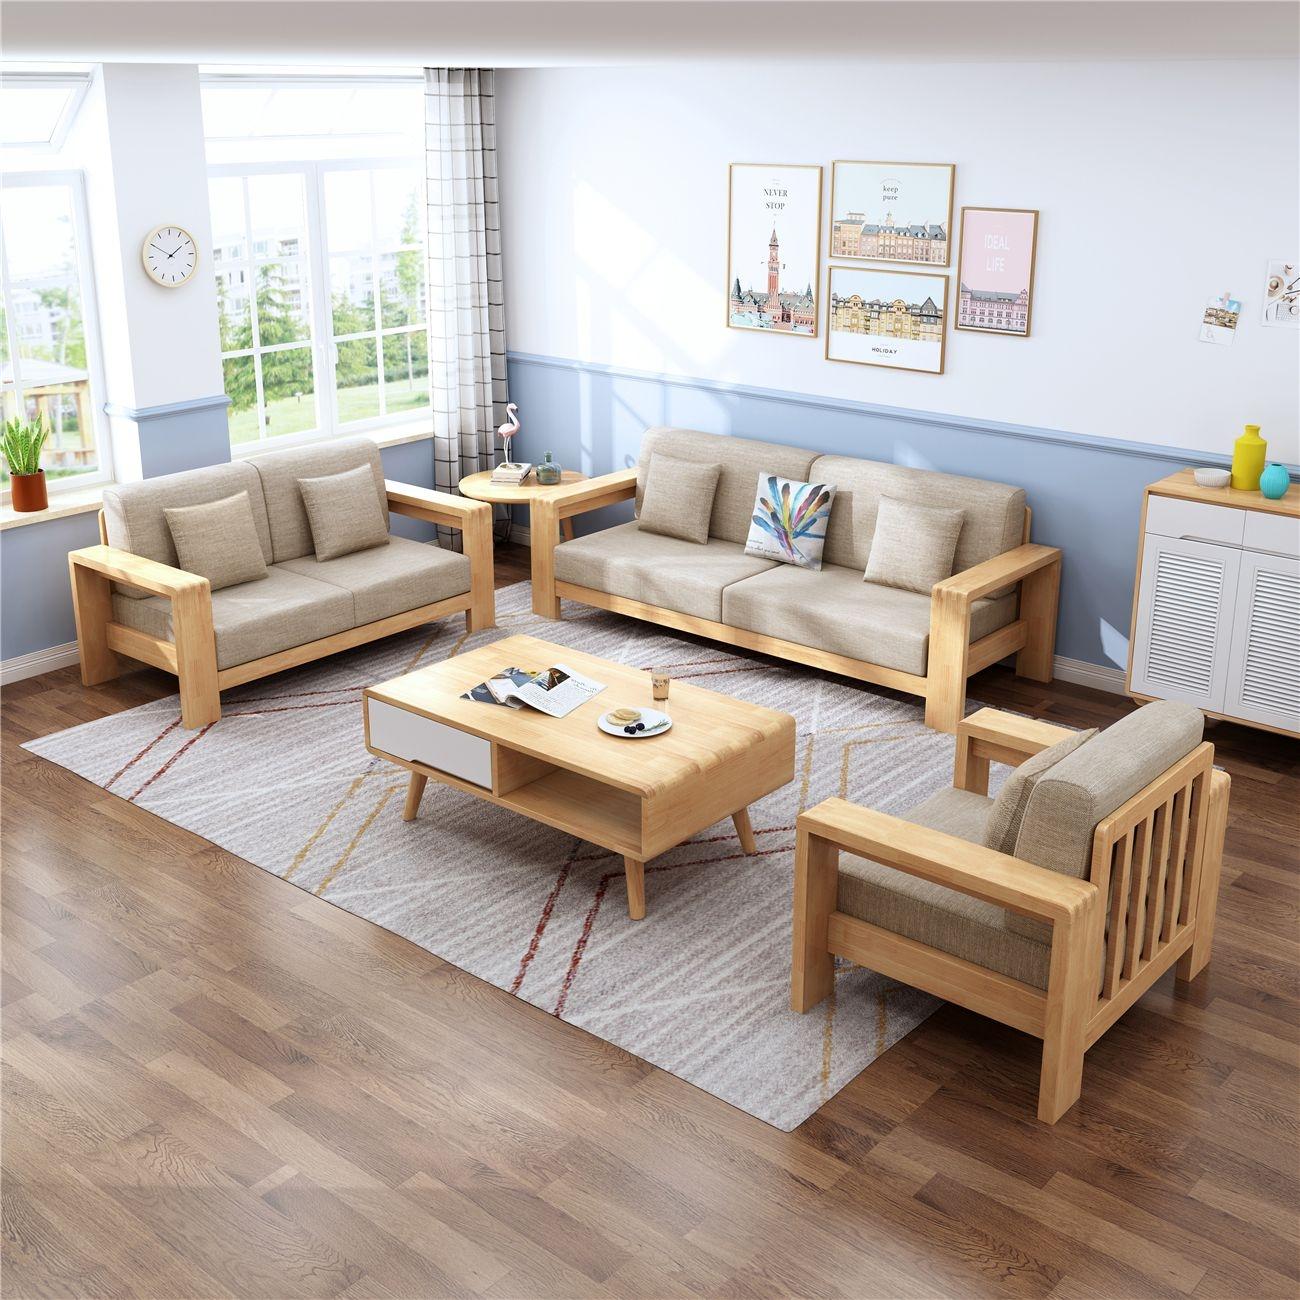 【虔信家居】大北欧原木色系列   橡胶木框架  透气棉麻布面料   1+2+3